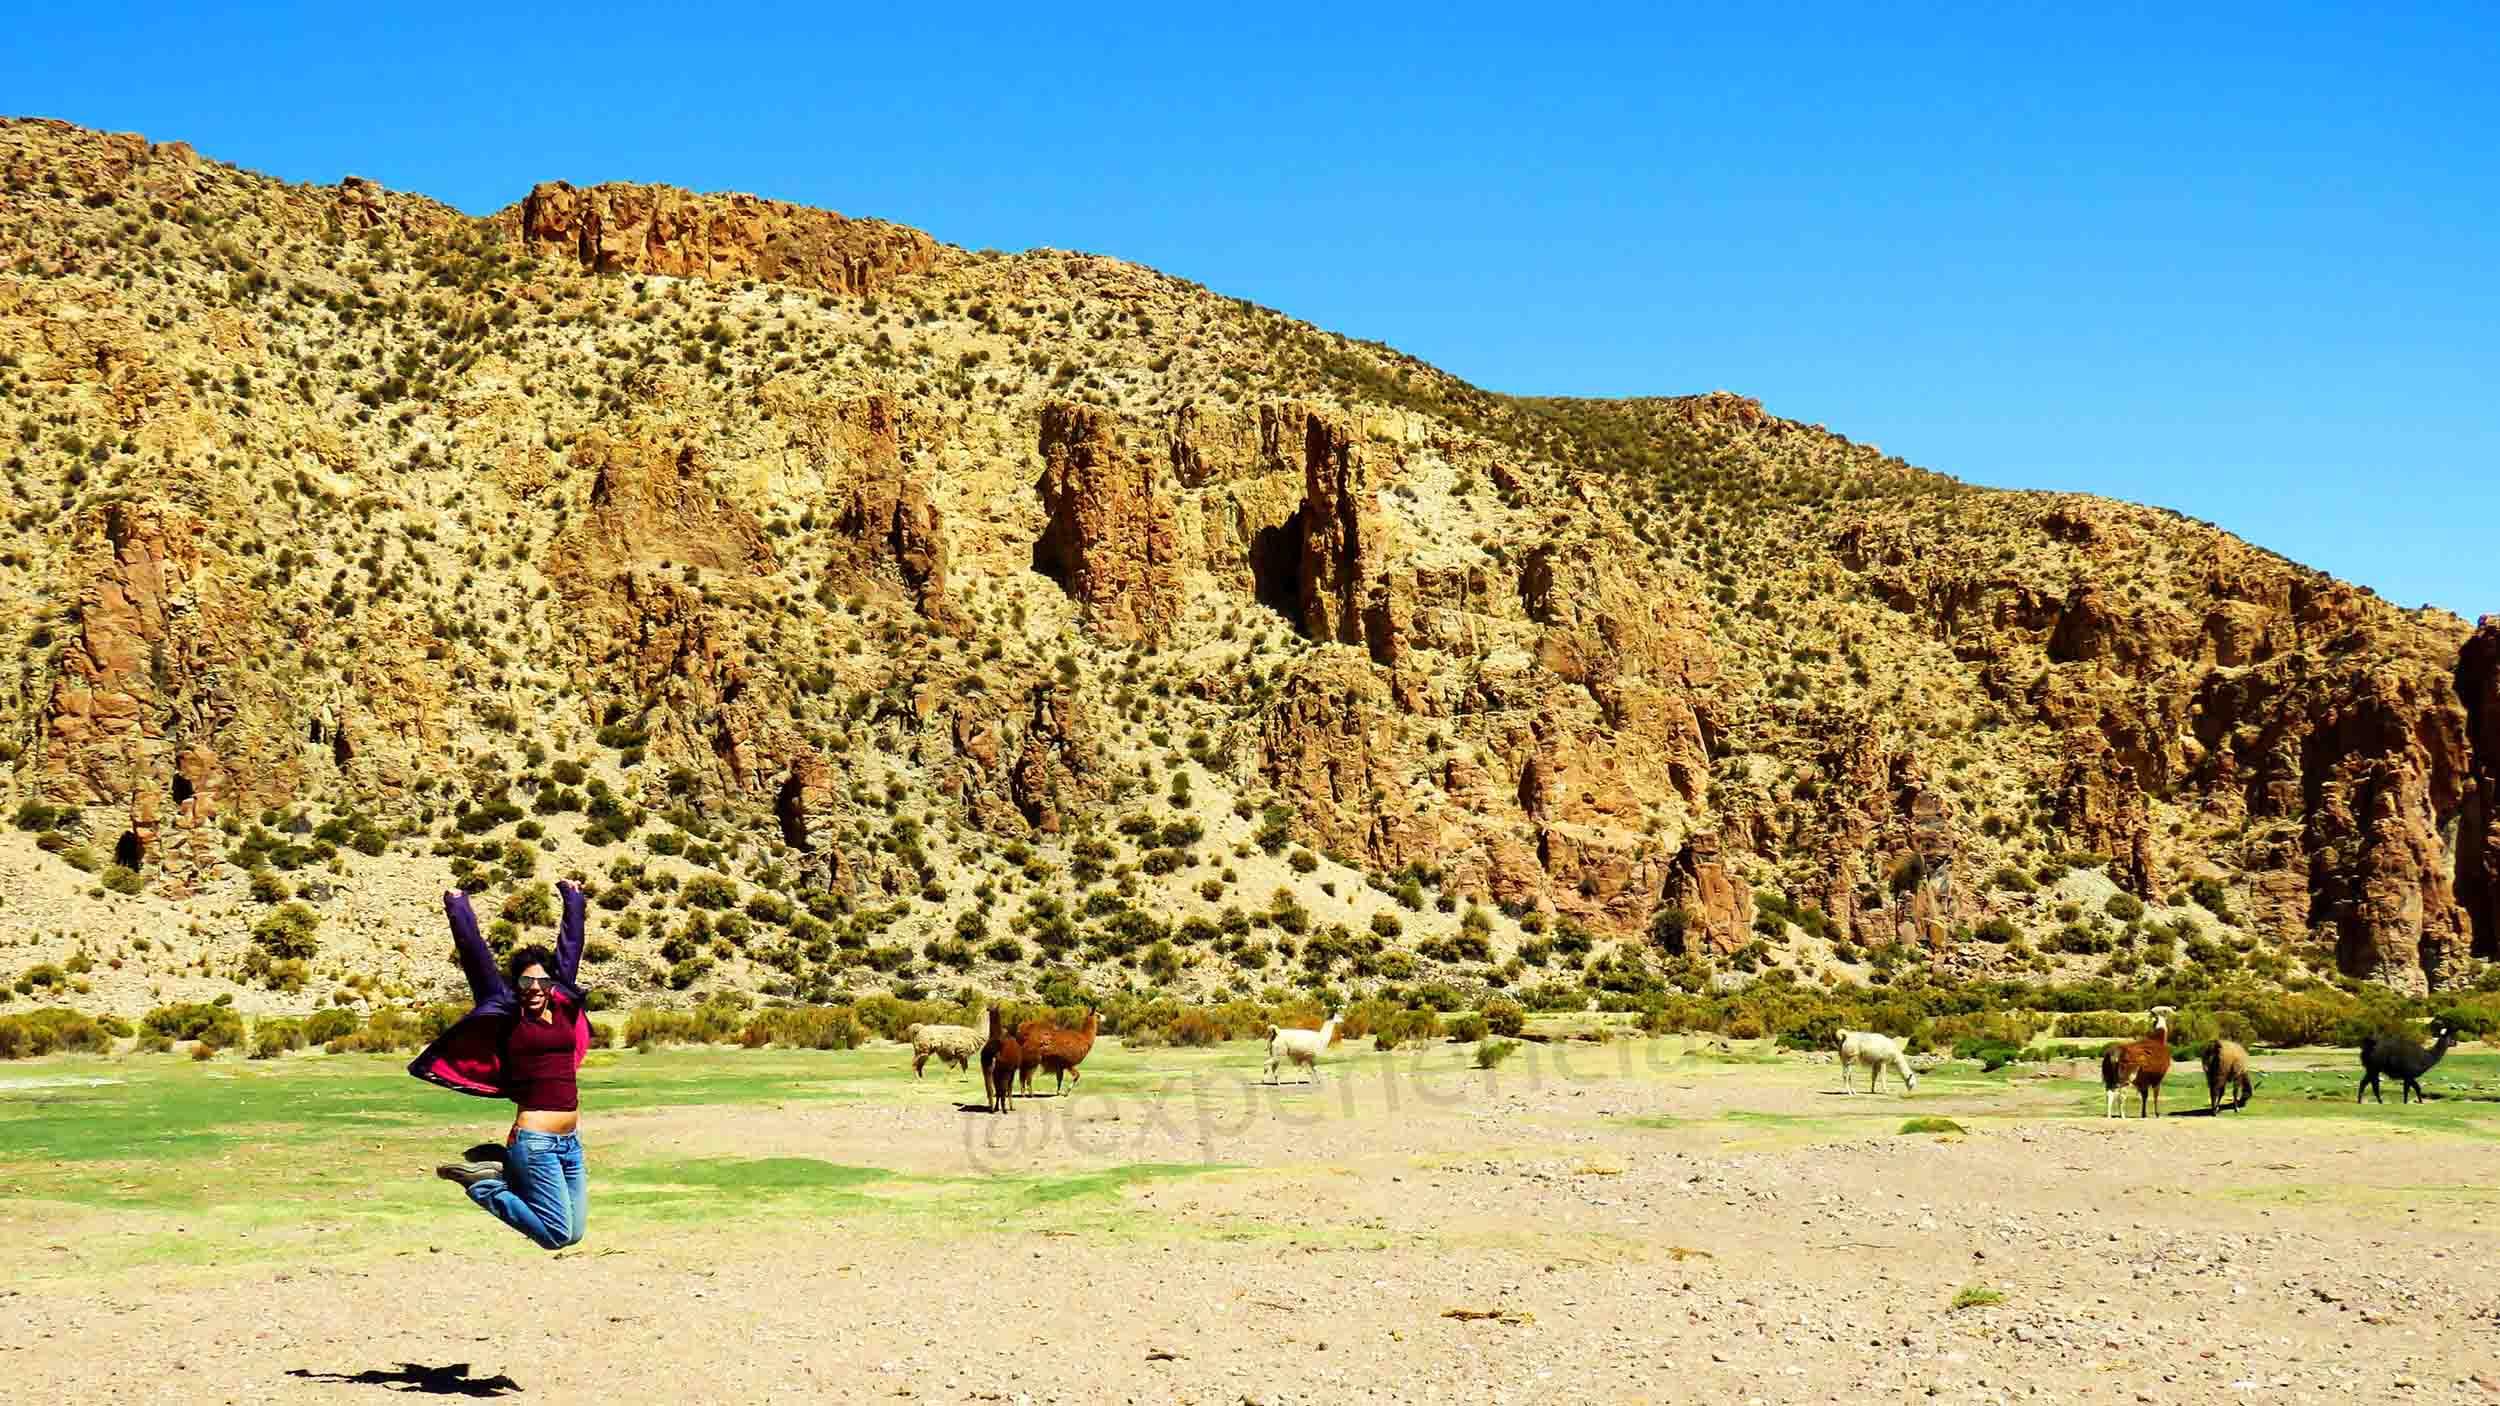 Lllamas no altiplano boliviano